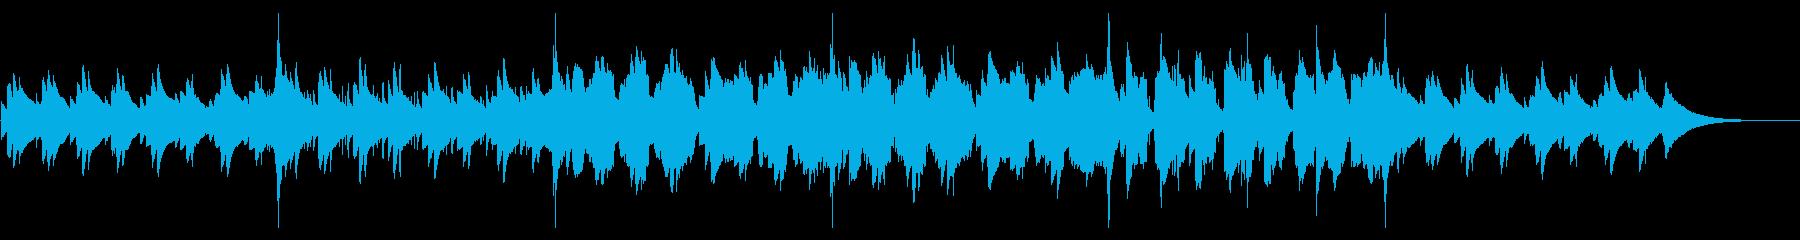 ダークな雰囲気のハープとフルートの音色の再生済みの波形